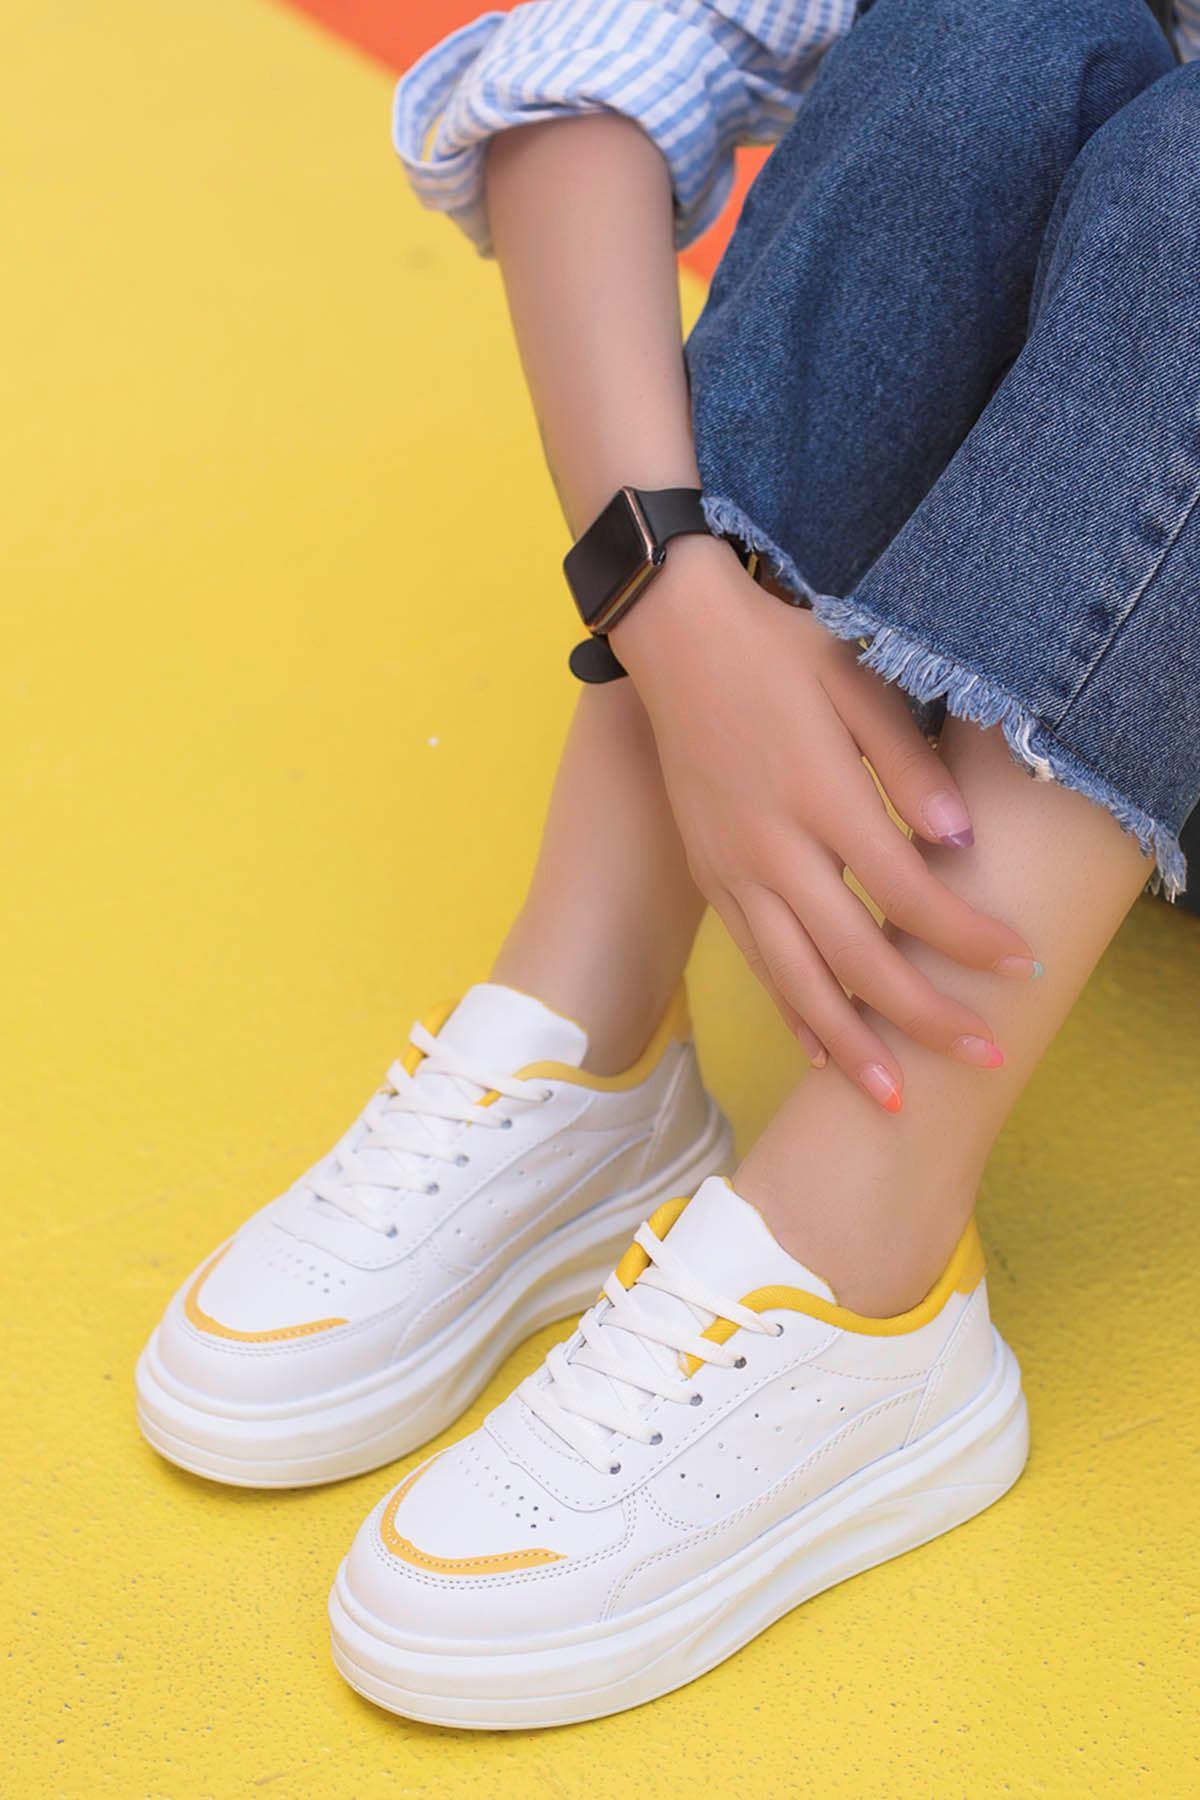 Beatrix Tabanlı Spor Ayakkabı Beyaz Sarı Detay